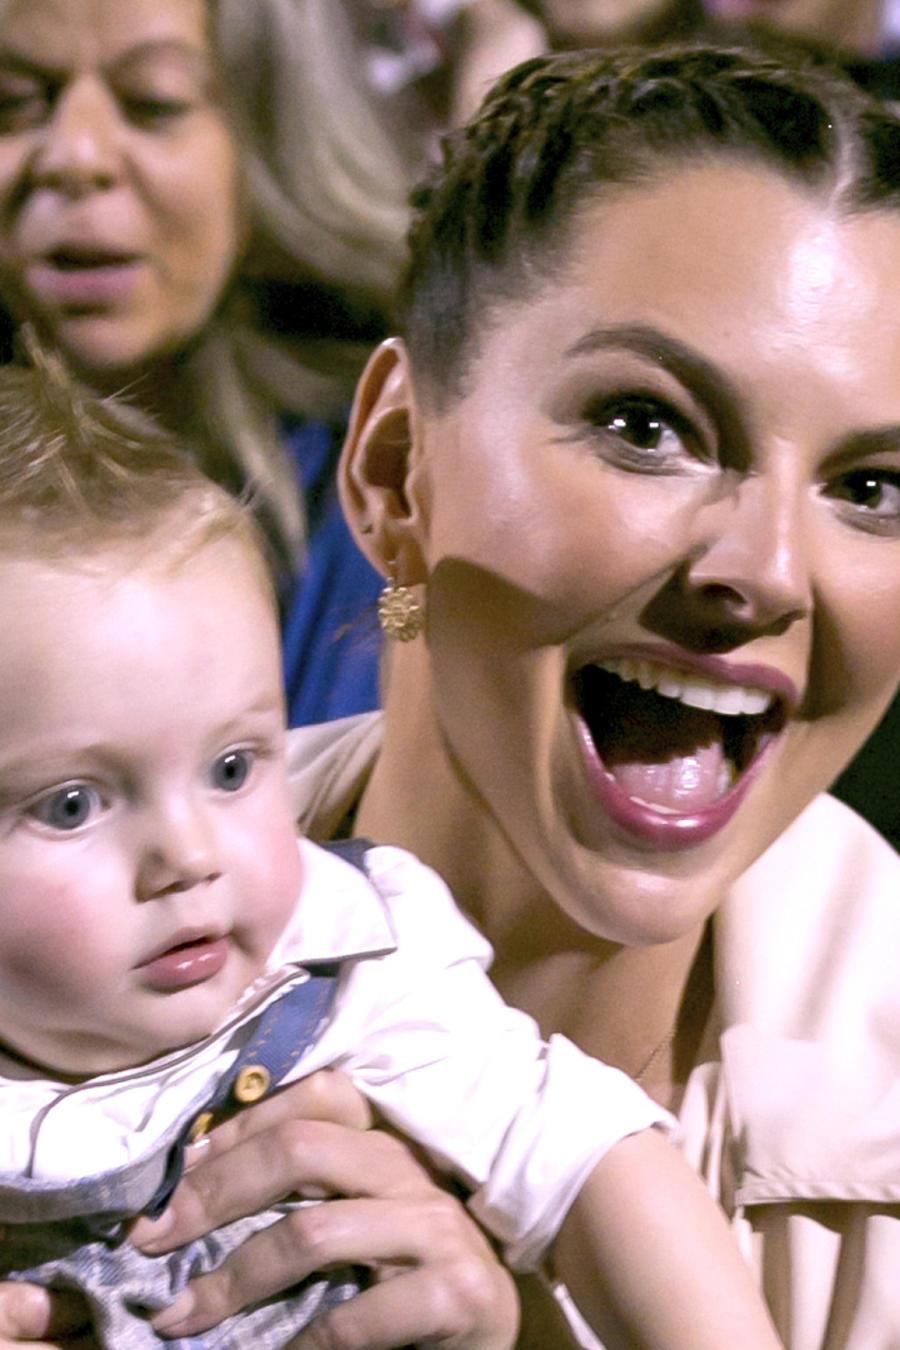 Marjorie de Sousa sonriendo al lado de su hijo